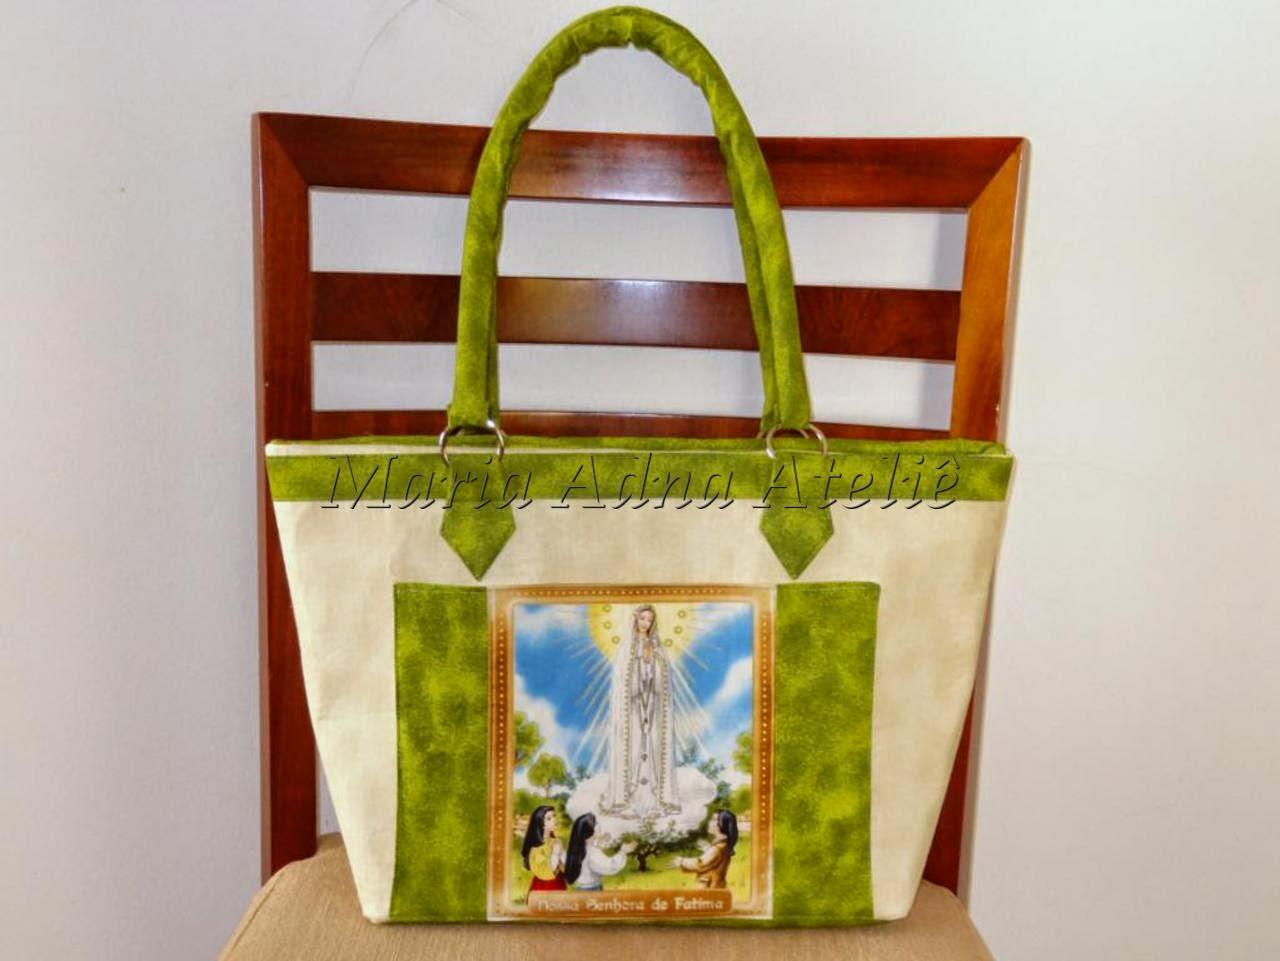 Bolsa, Bolsas, Bolsa tecido, Bolsas tecido, Bolsas tecidos, Bolsa com imagem de santa